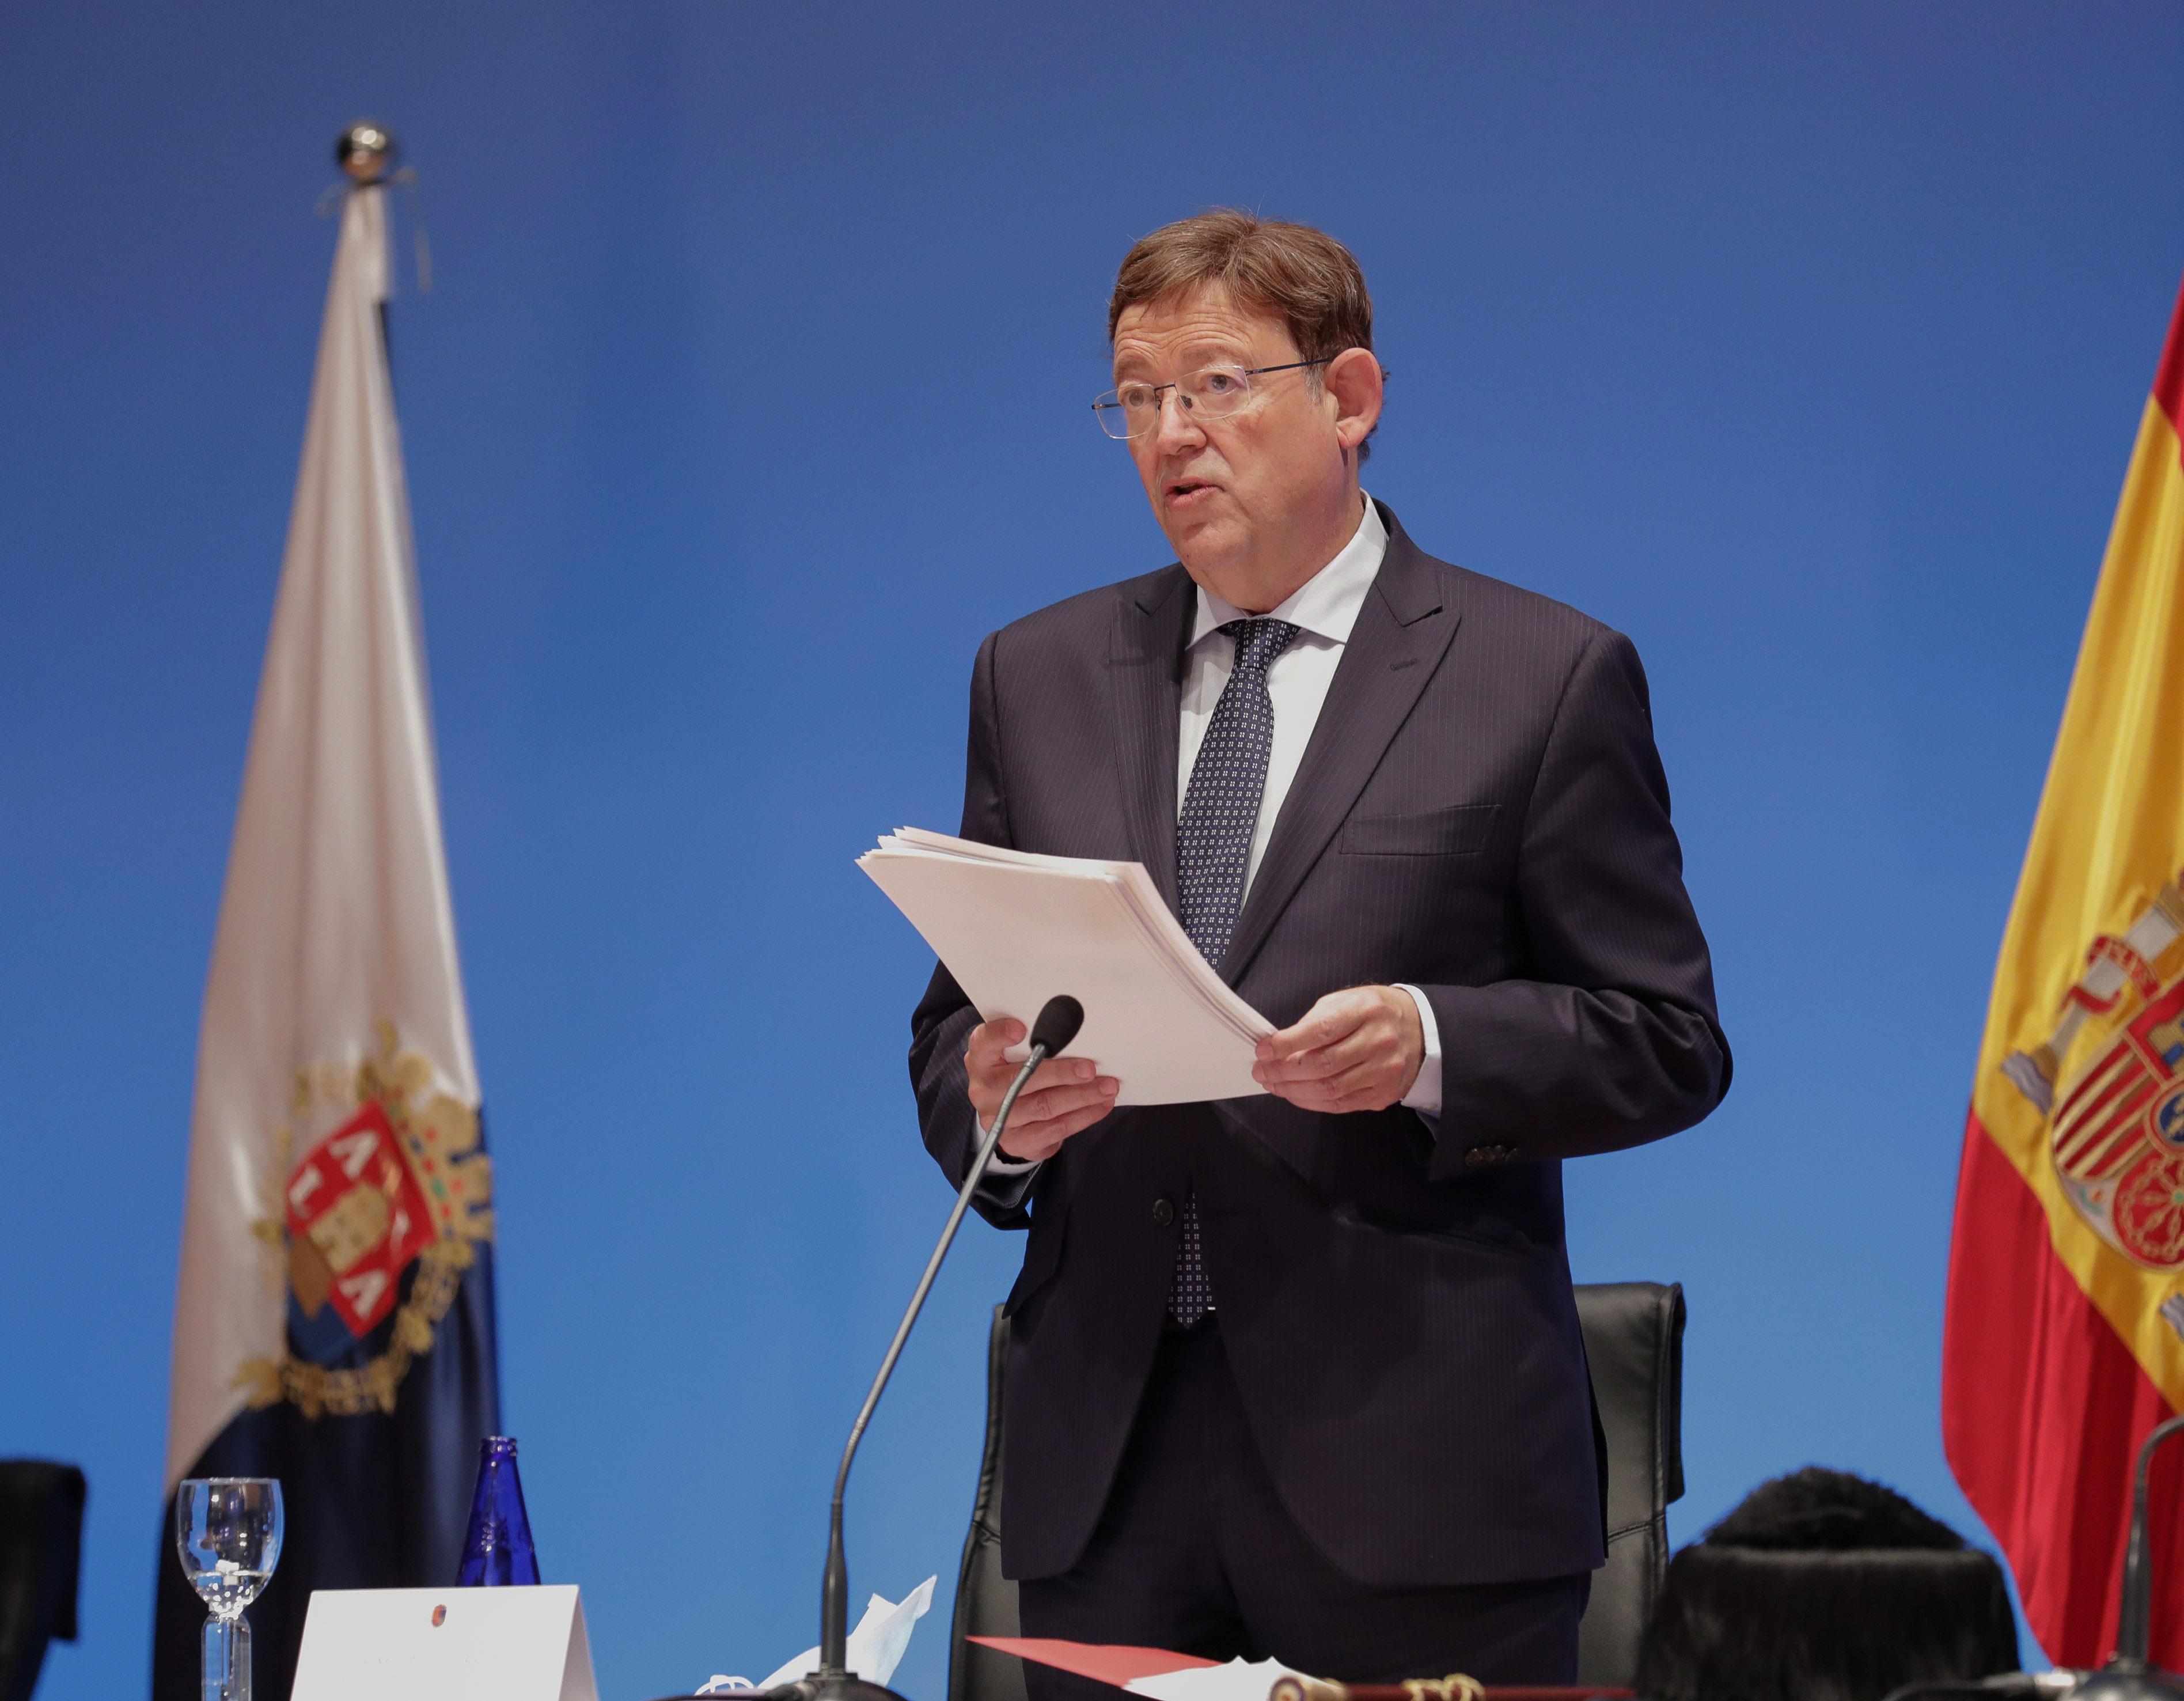 """Ximo Puig anuncia projectes en l""""àmbit científic per valor de 425 milions d""""euros per a enfortir l""""estratègia de recuperació de la Comunitat Valen..."""